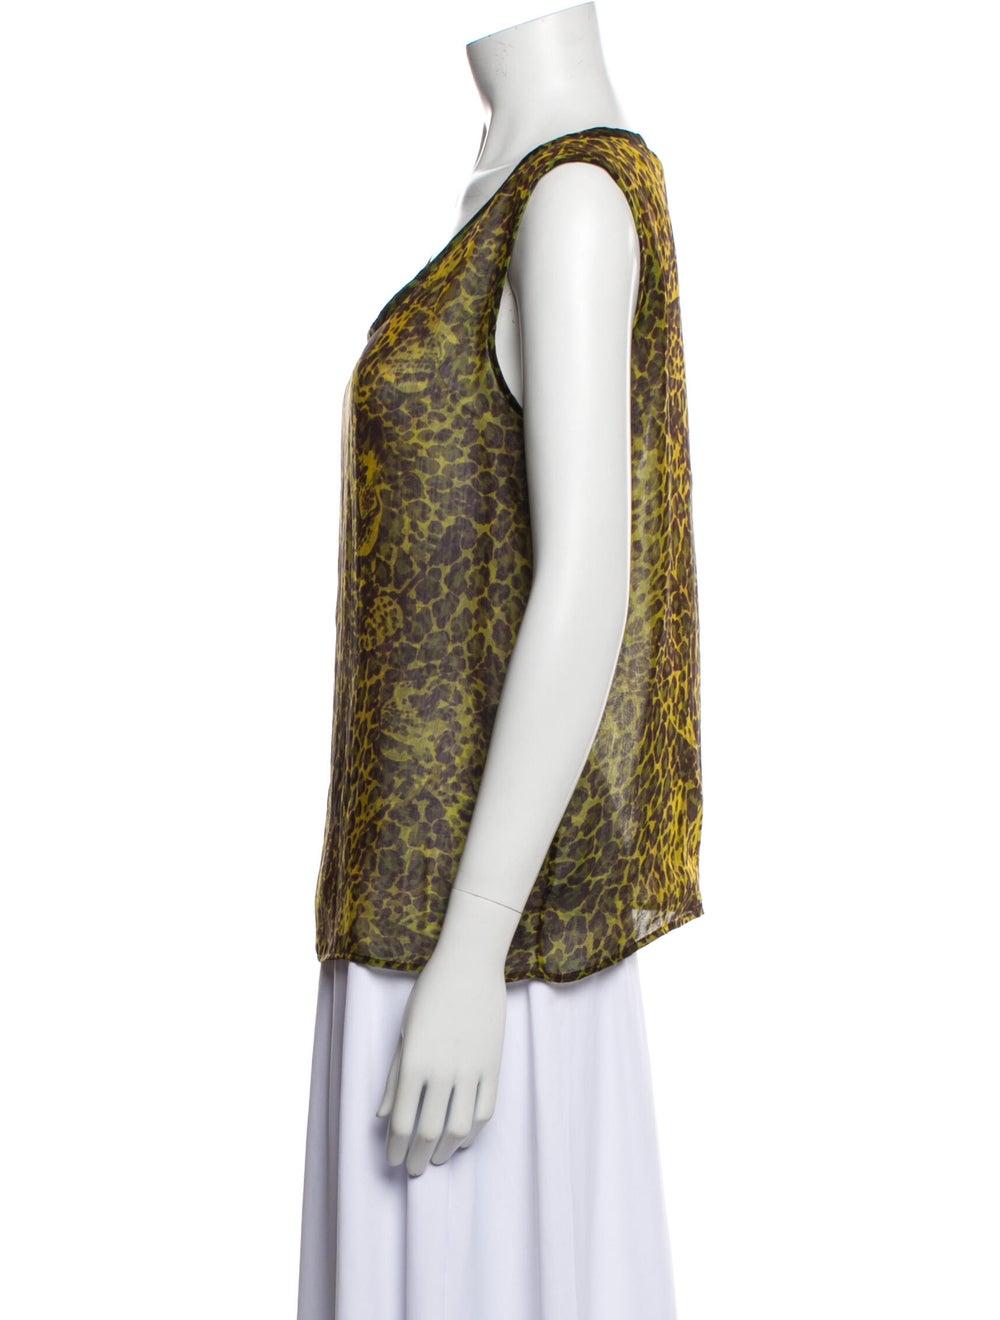 Yves Saint Laurent Rive Gauche Vintage Silk Top G… - image 2